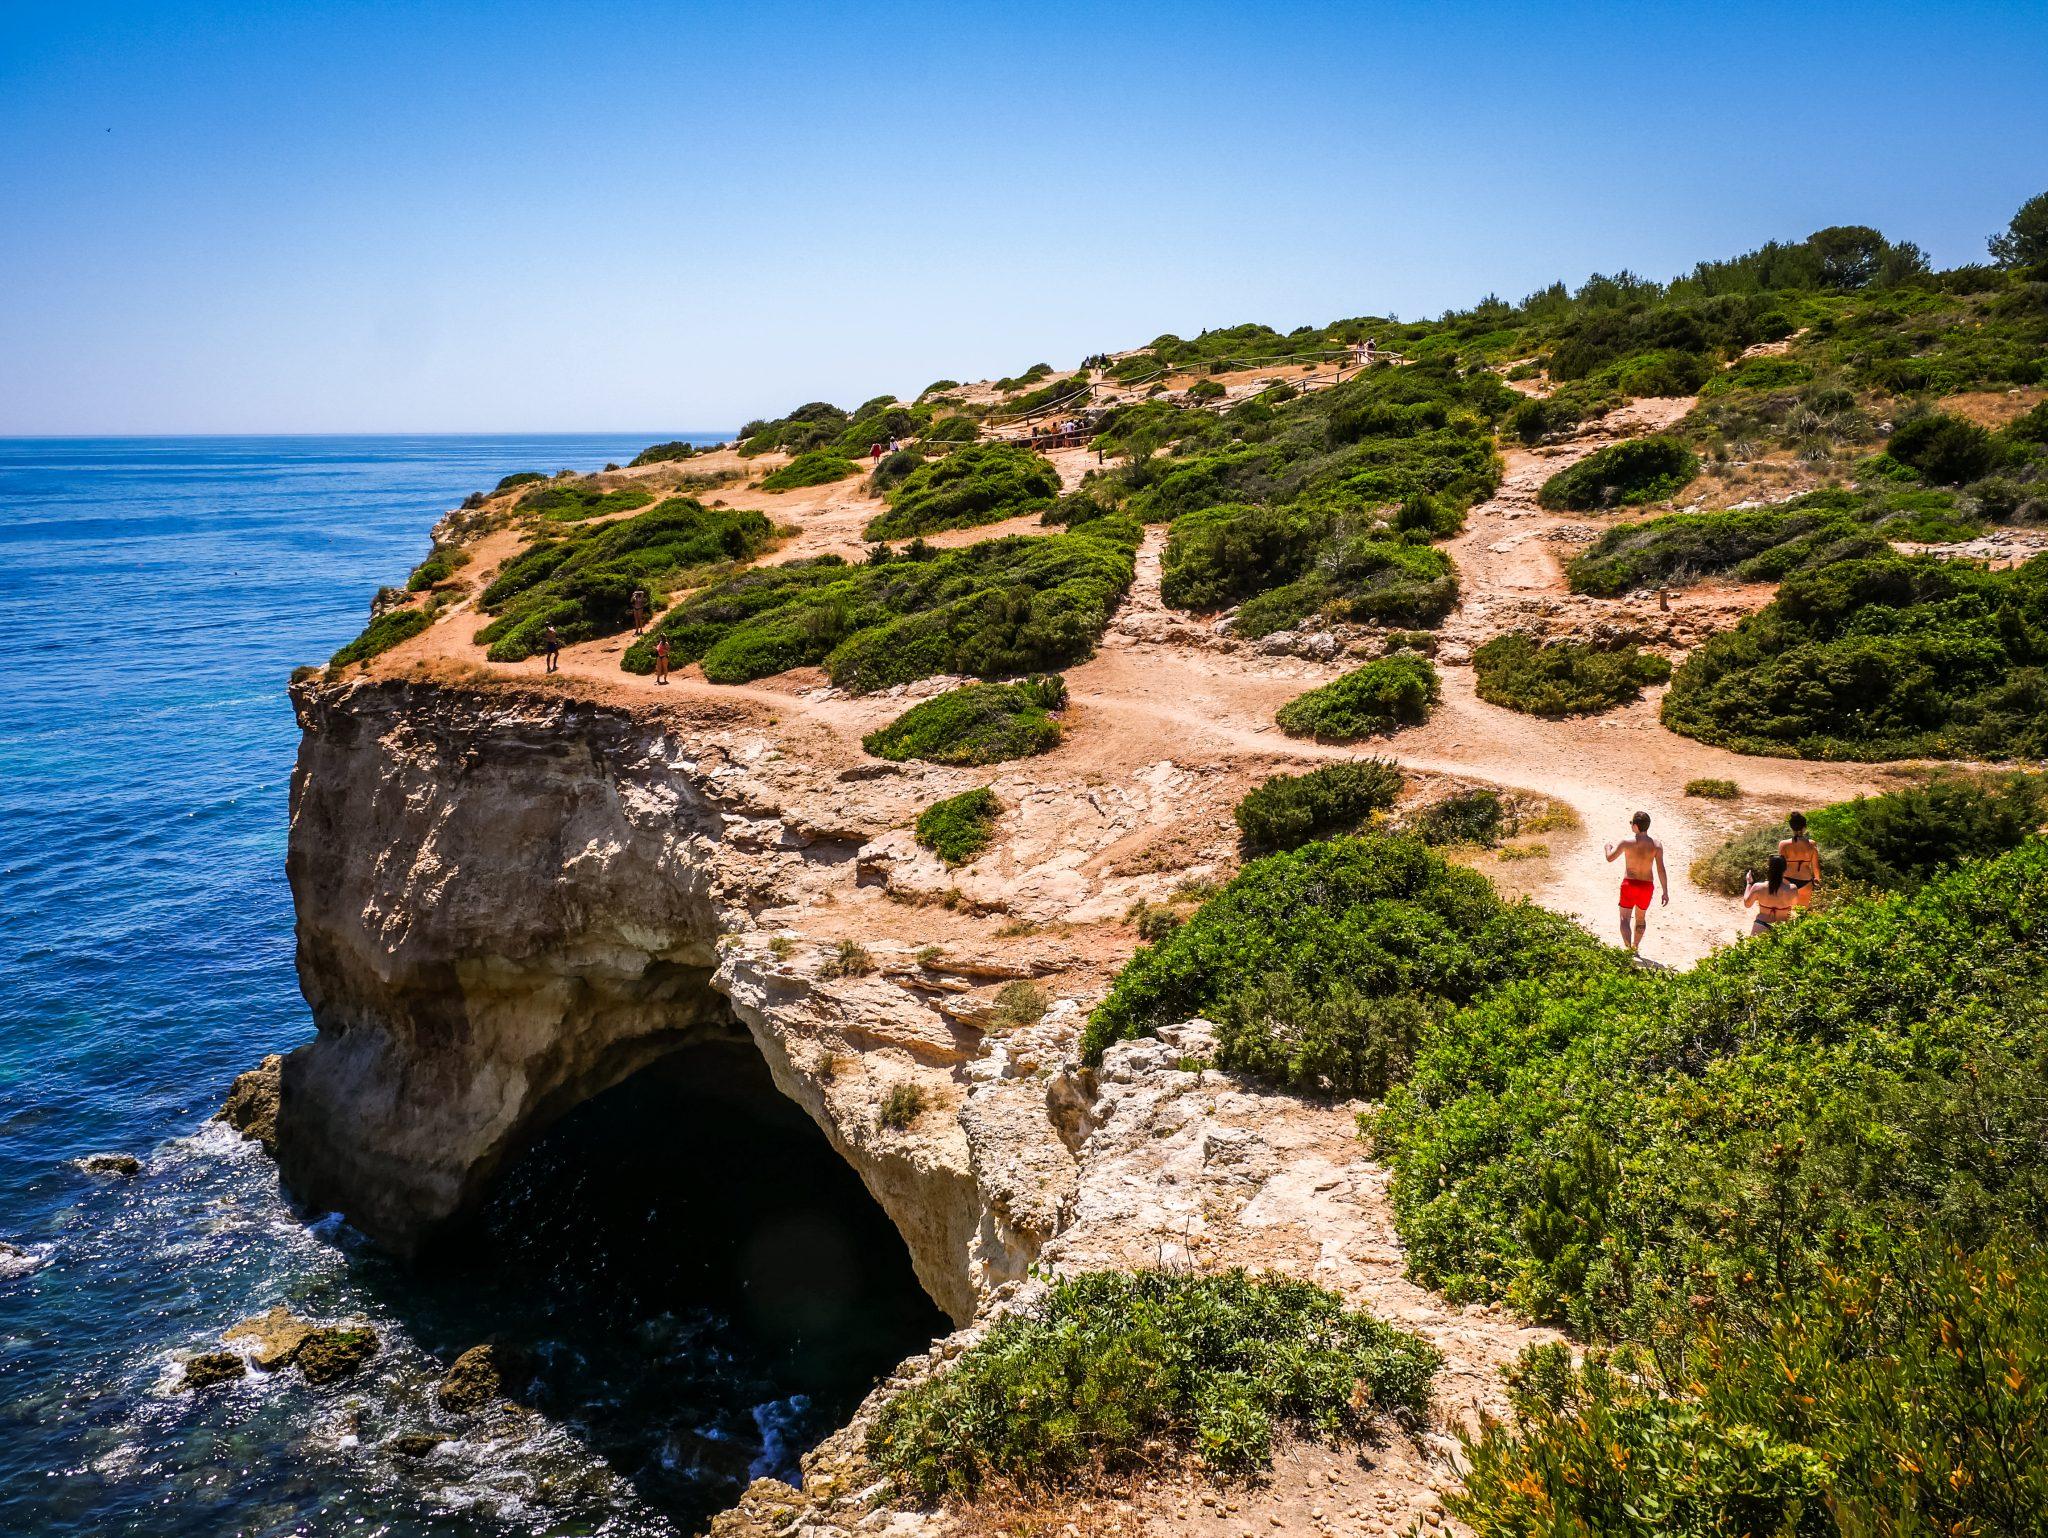 Der Ausblick, welchen du von den Klippen der Algarve Küste hast, ist wie gemalt!